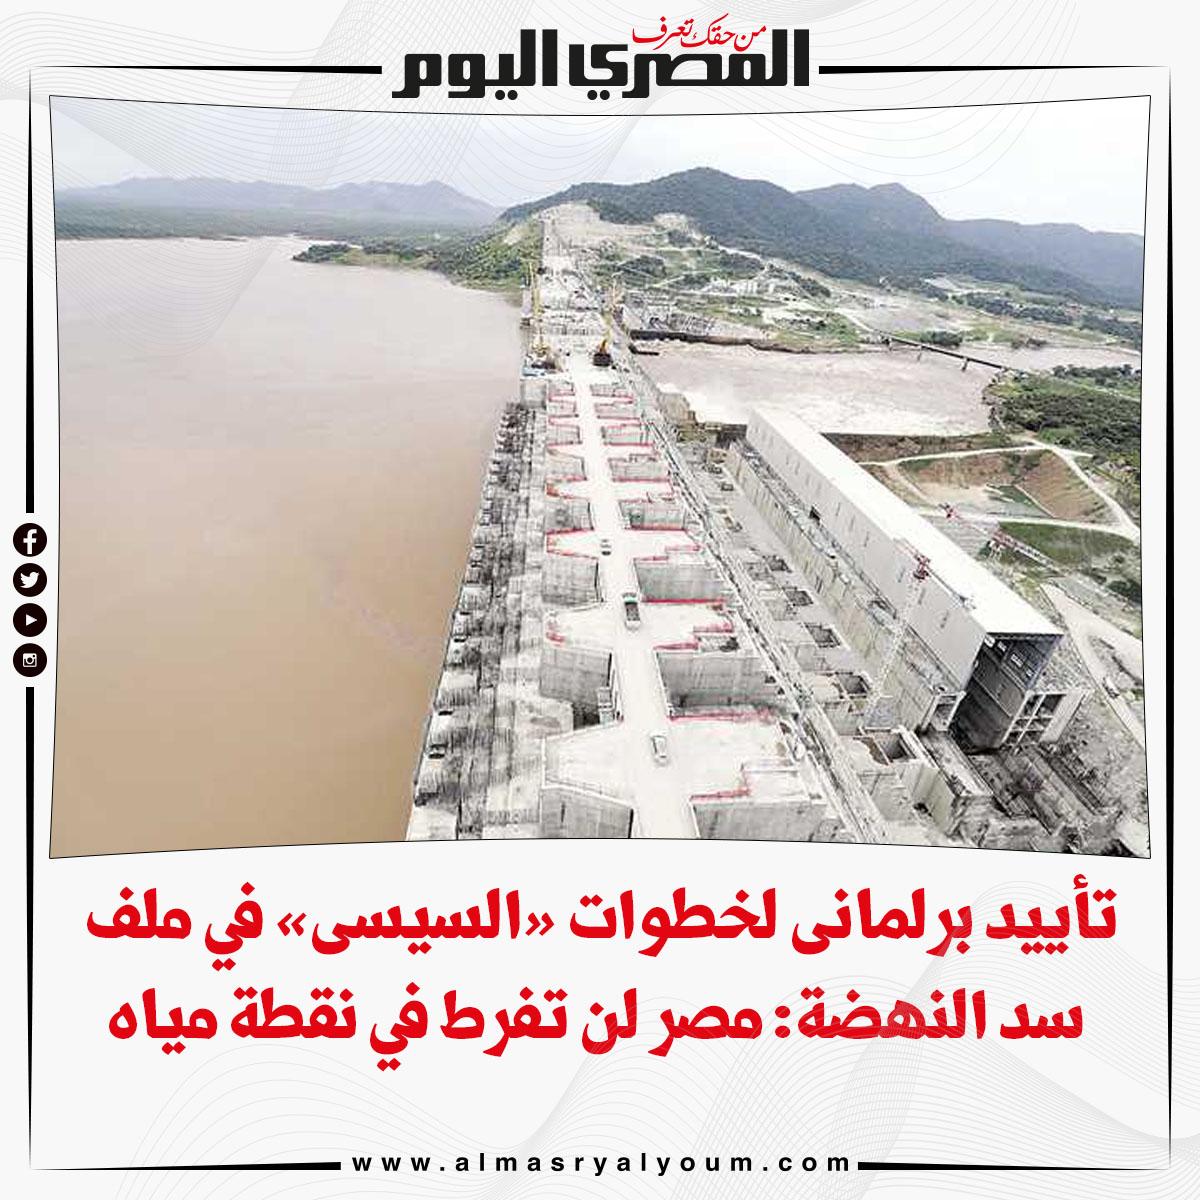 تأييد برلمانى لخطوات « السيسى» في ملف سد النهضة مصر لن تفرط في نقطة مياه